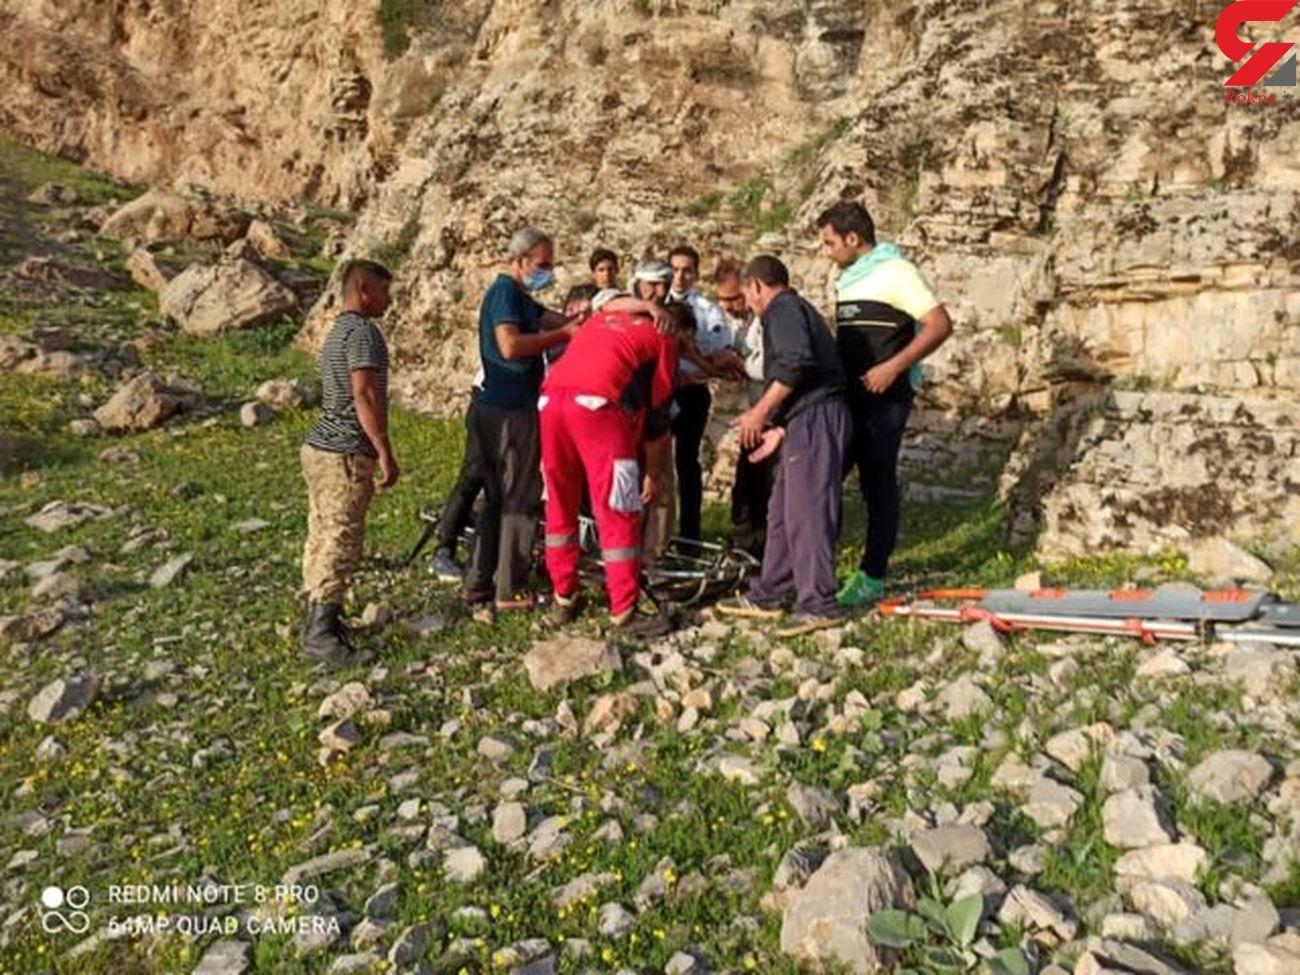 سقوط پیرمرد ۸۰ ساله خرم آبادی از کوه / او زنده است + عکس